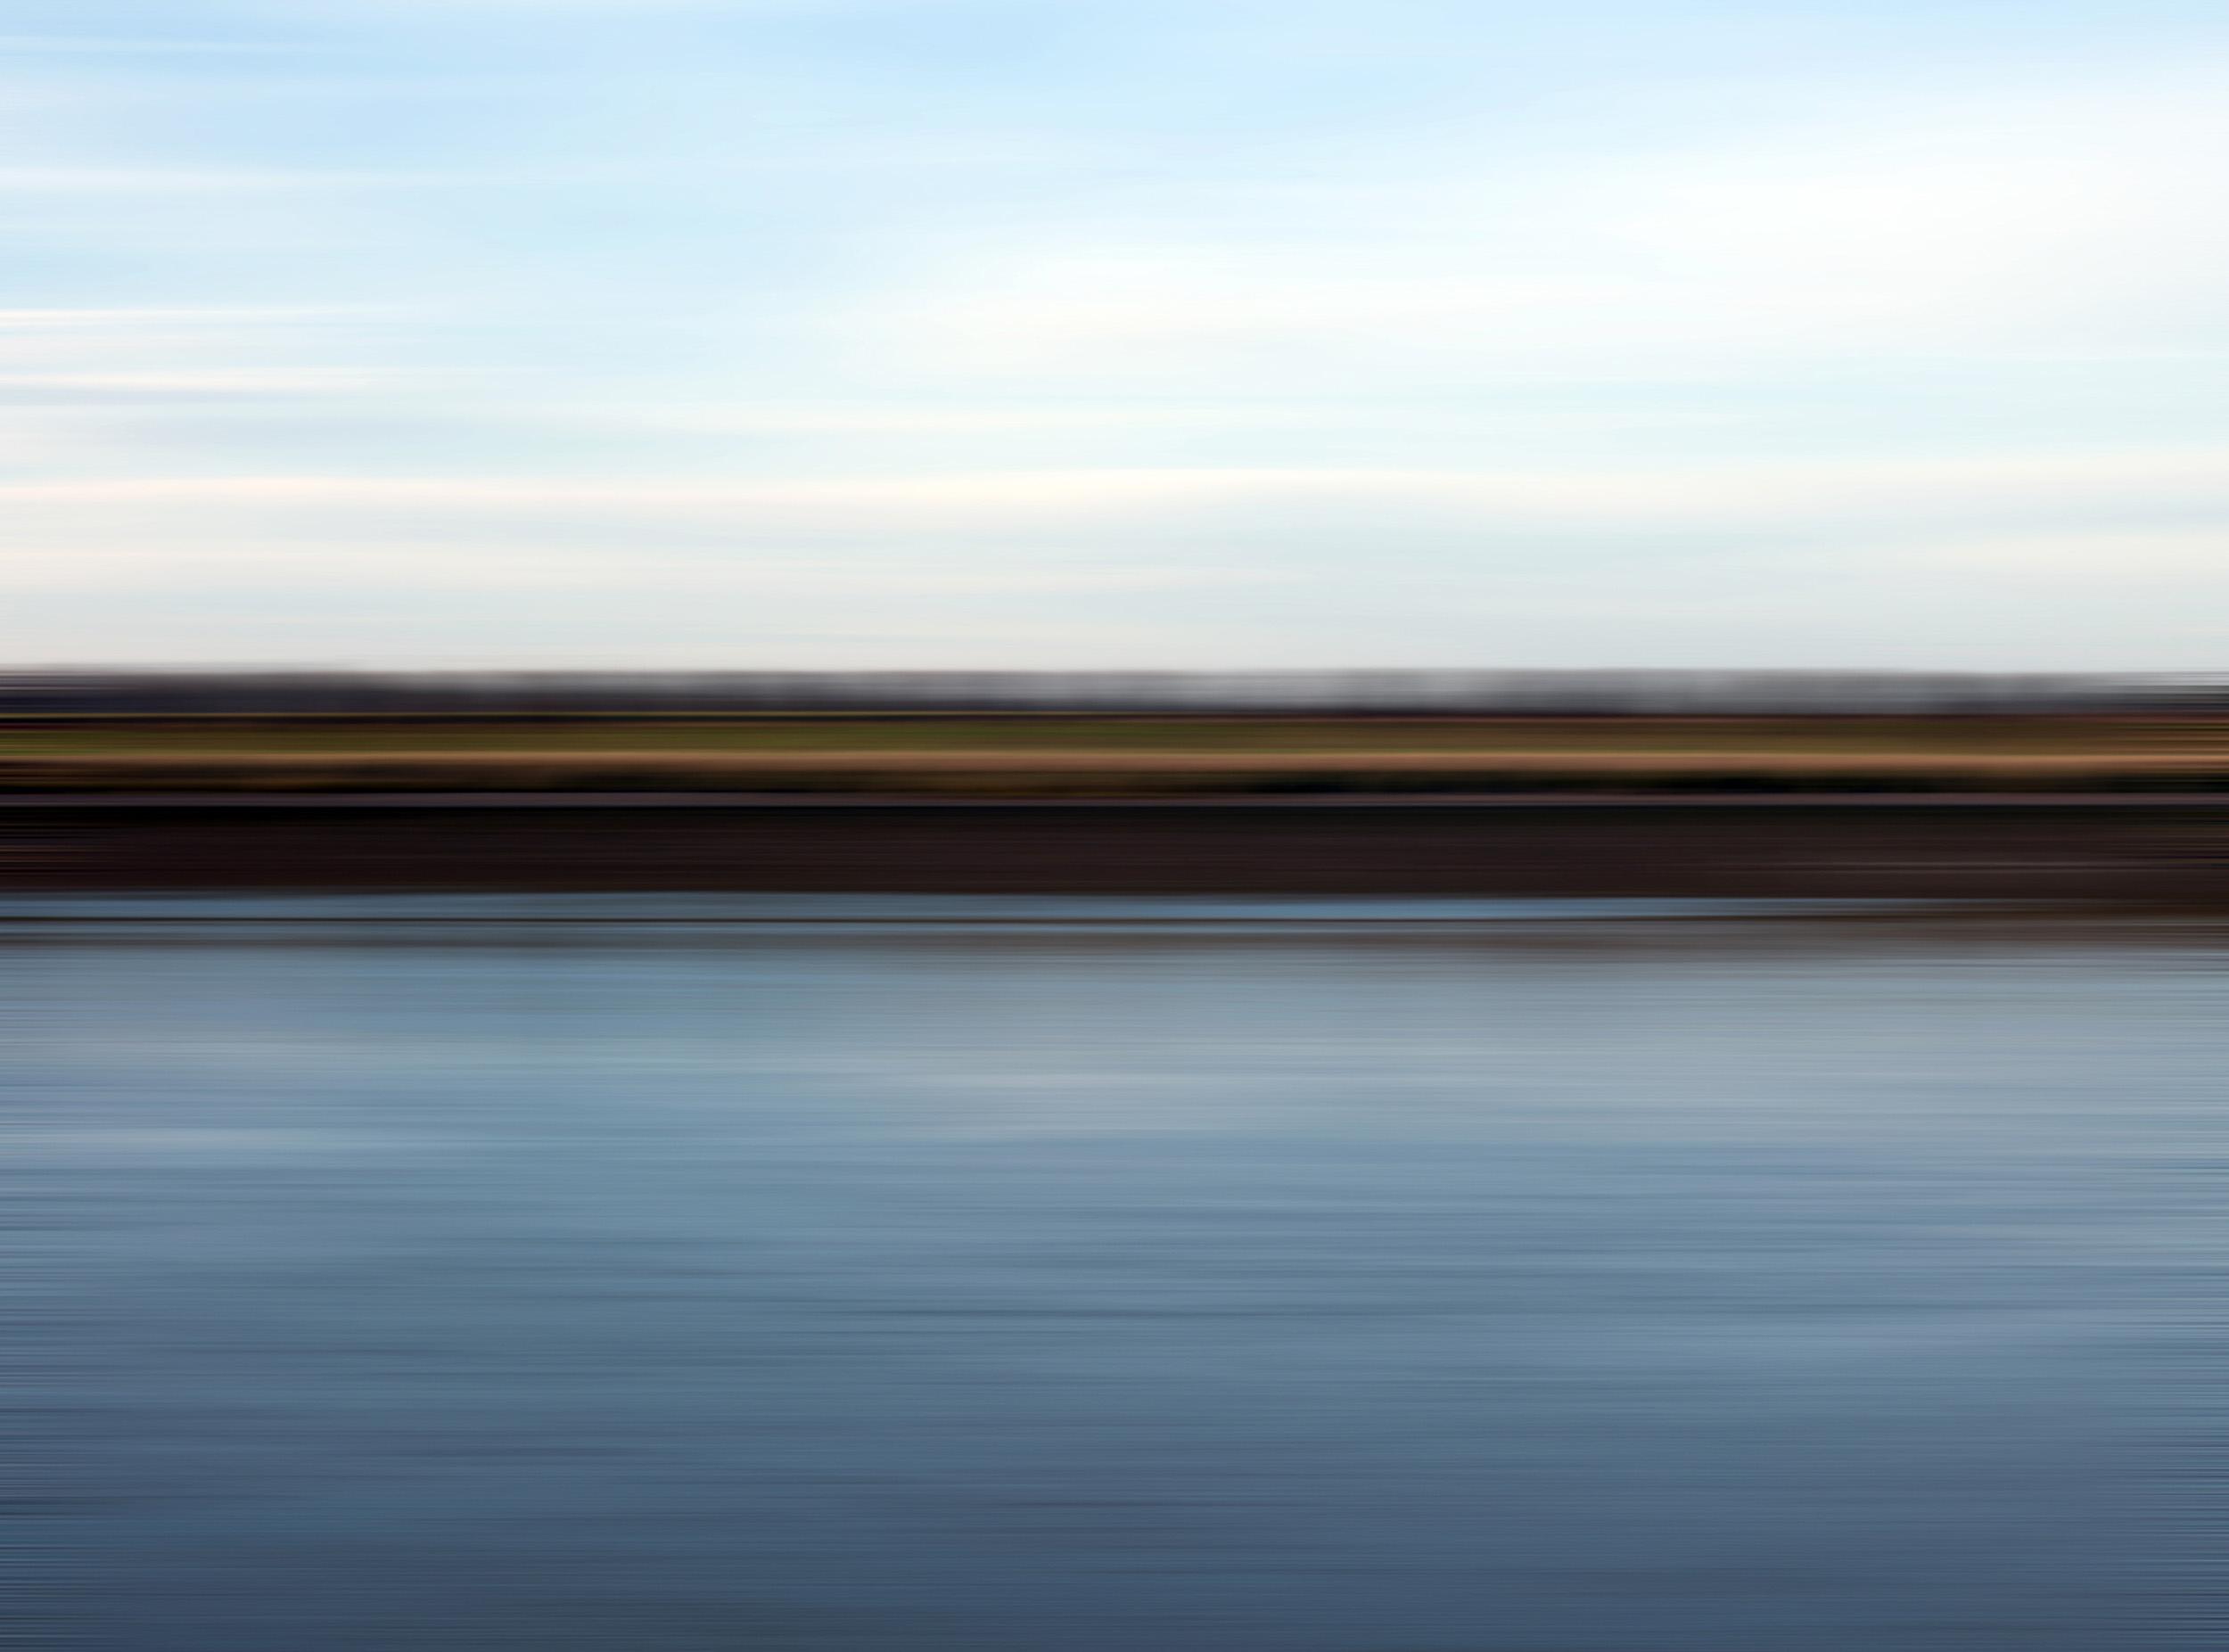 www.iaincrockart.com_landscape_river-.jpg